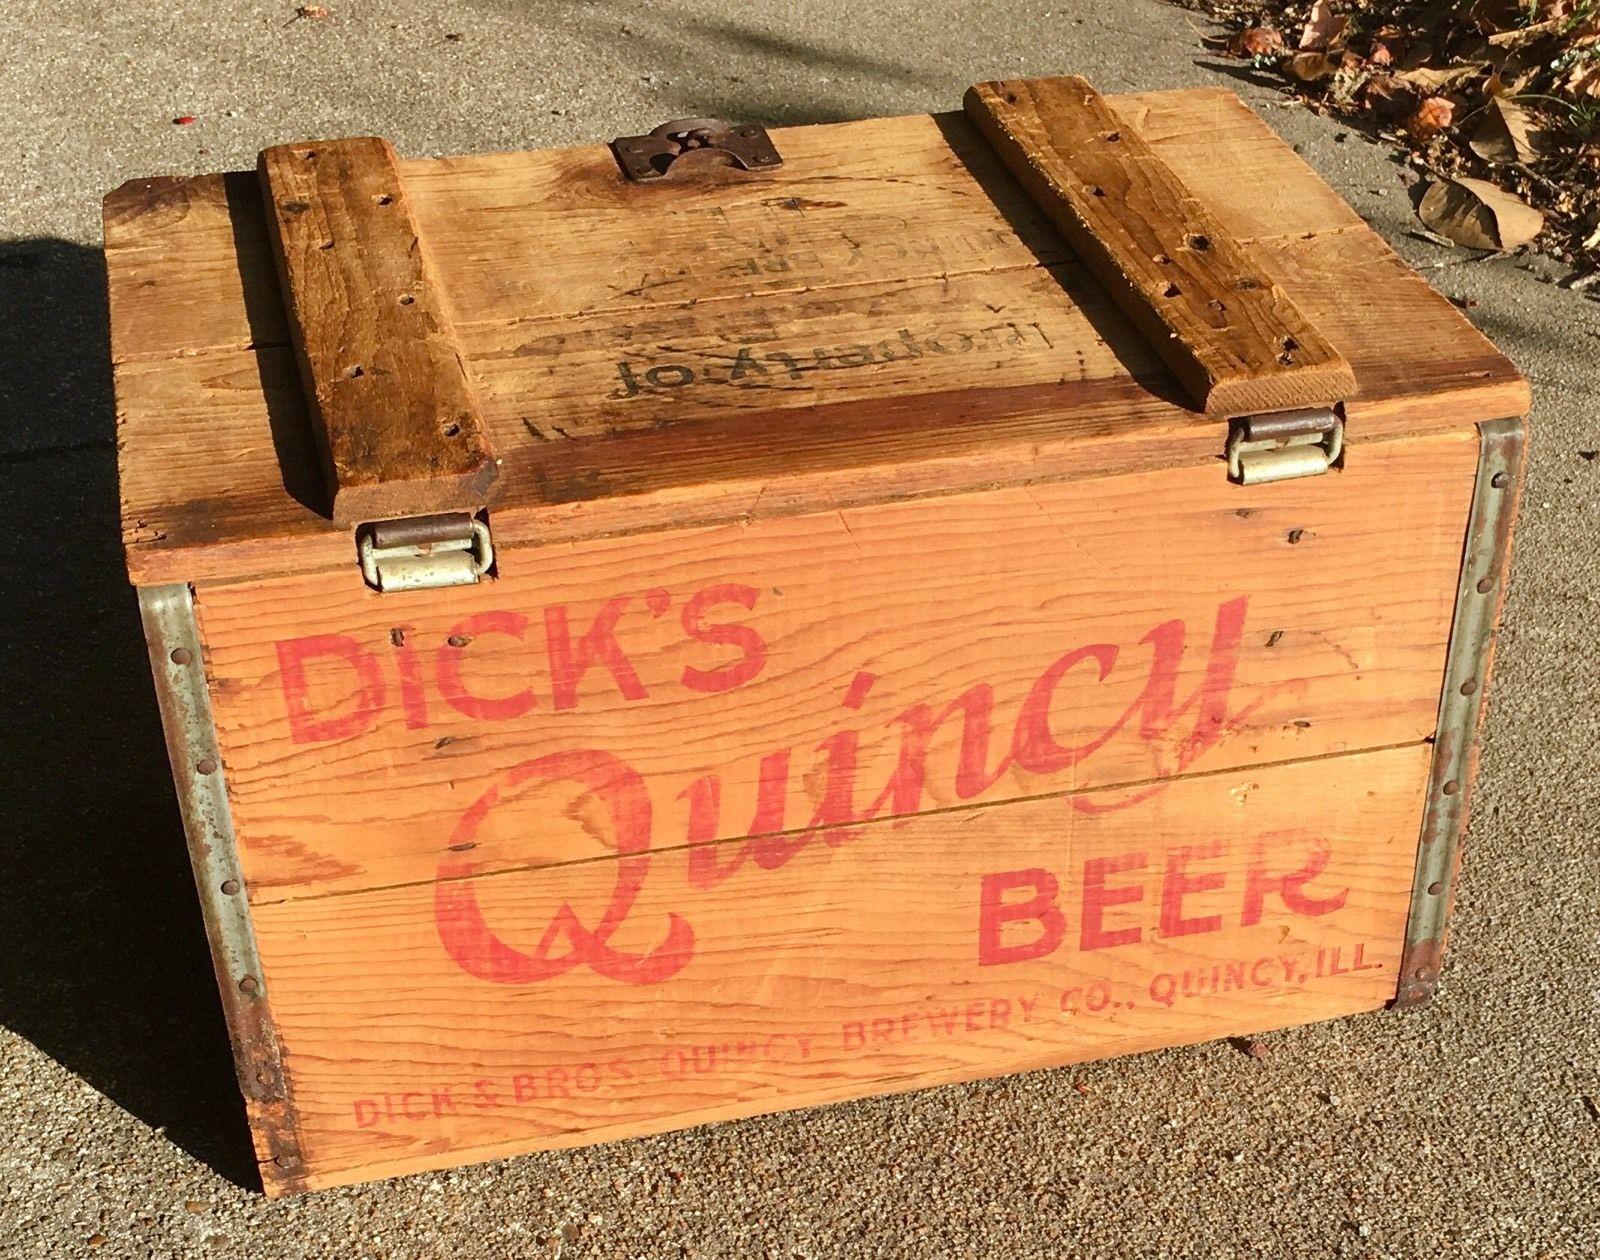 Dick Brothers Brewery Beer Crate.jpg